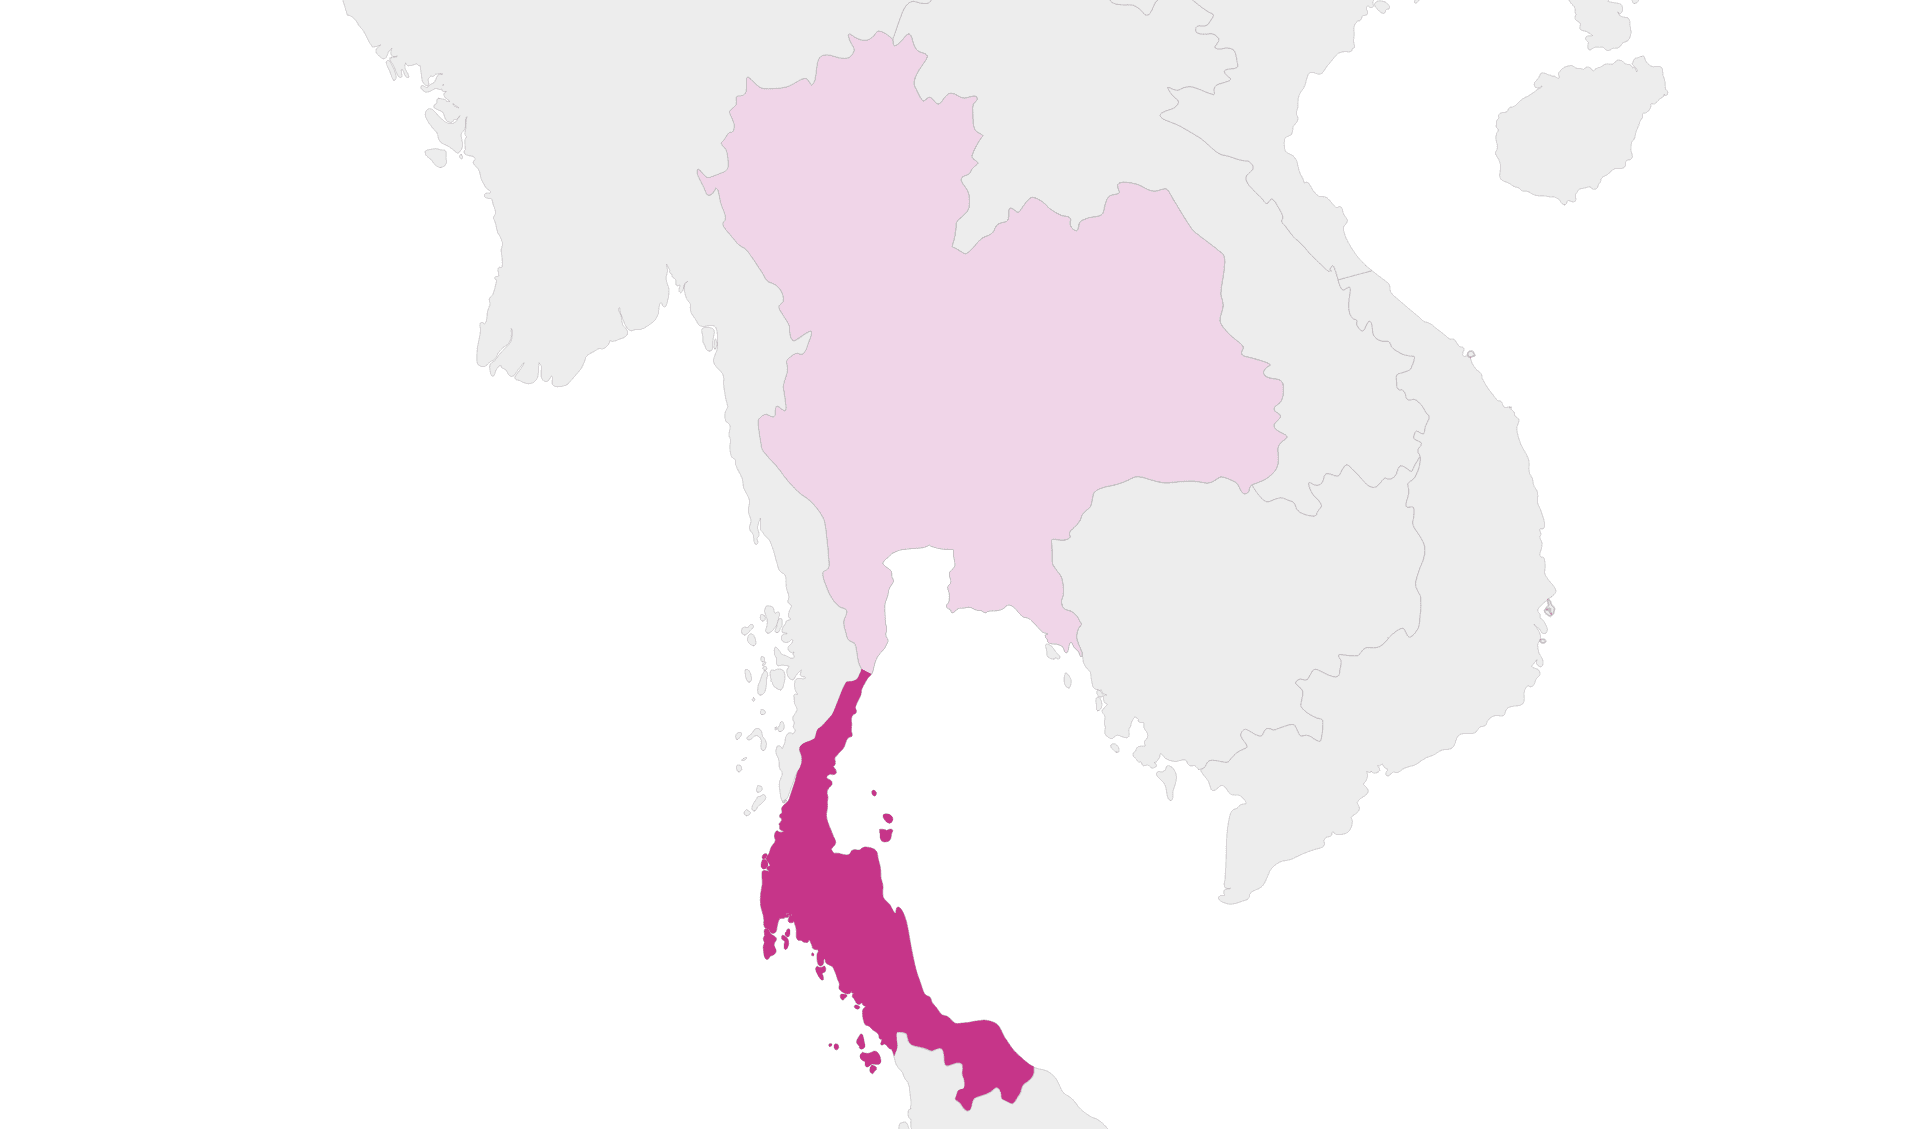 Karte Thailand Region Süd-Thailand